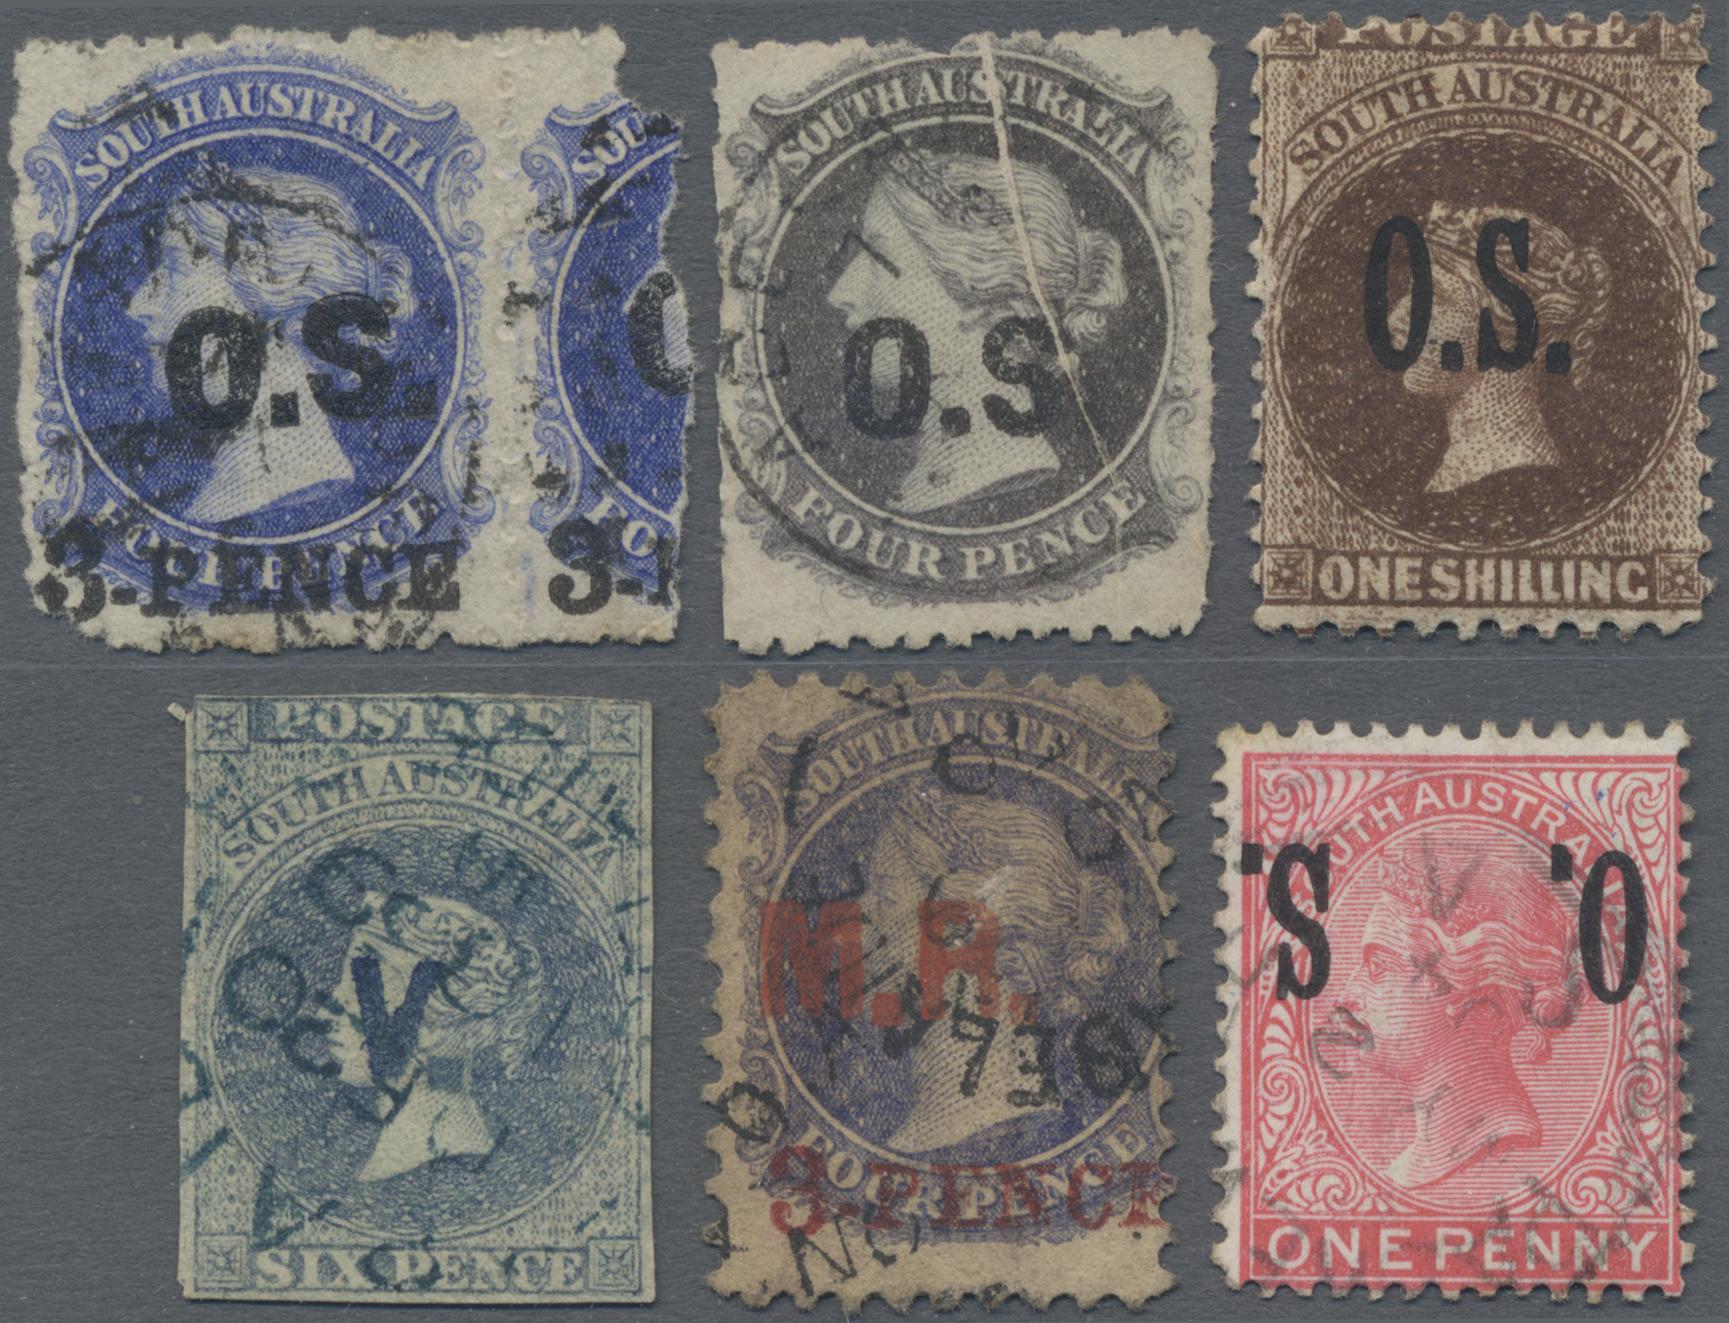 Lot 16075 - Südaustralien - Dienstmarken allgemein  -  Auktionshaus Christoph Gärtner GmbH & Co. KG 50th Auction Anniversary Auction - Day 5